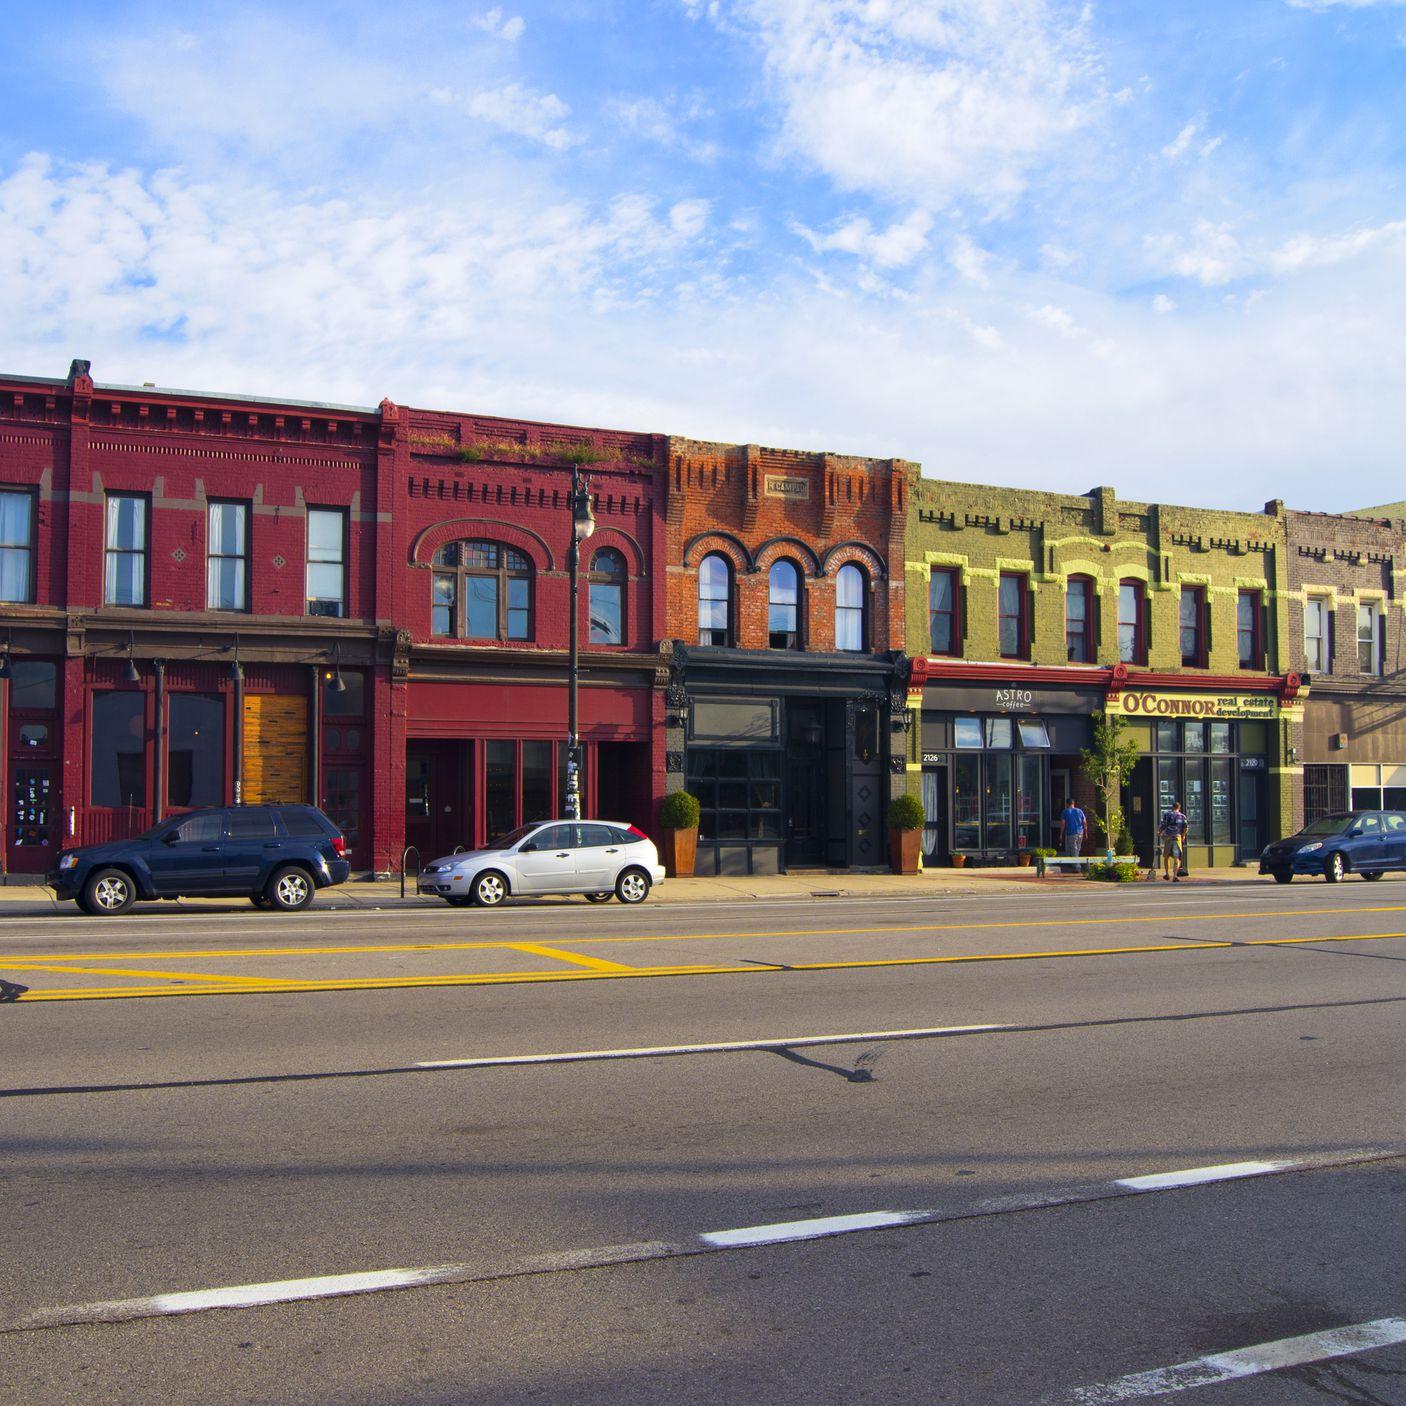 The Top 8 Neighborhoods in Detroit